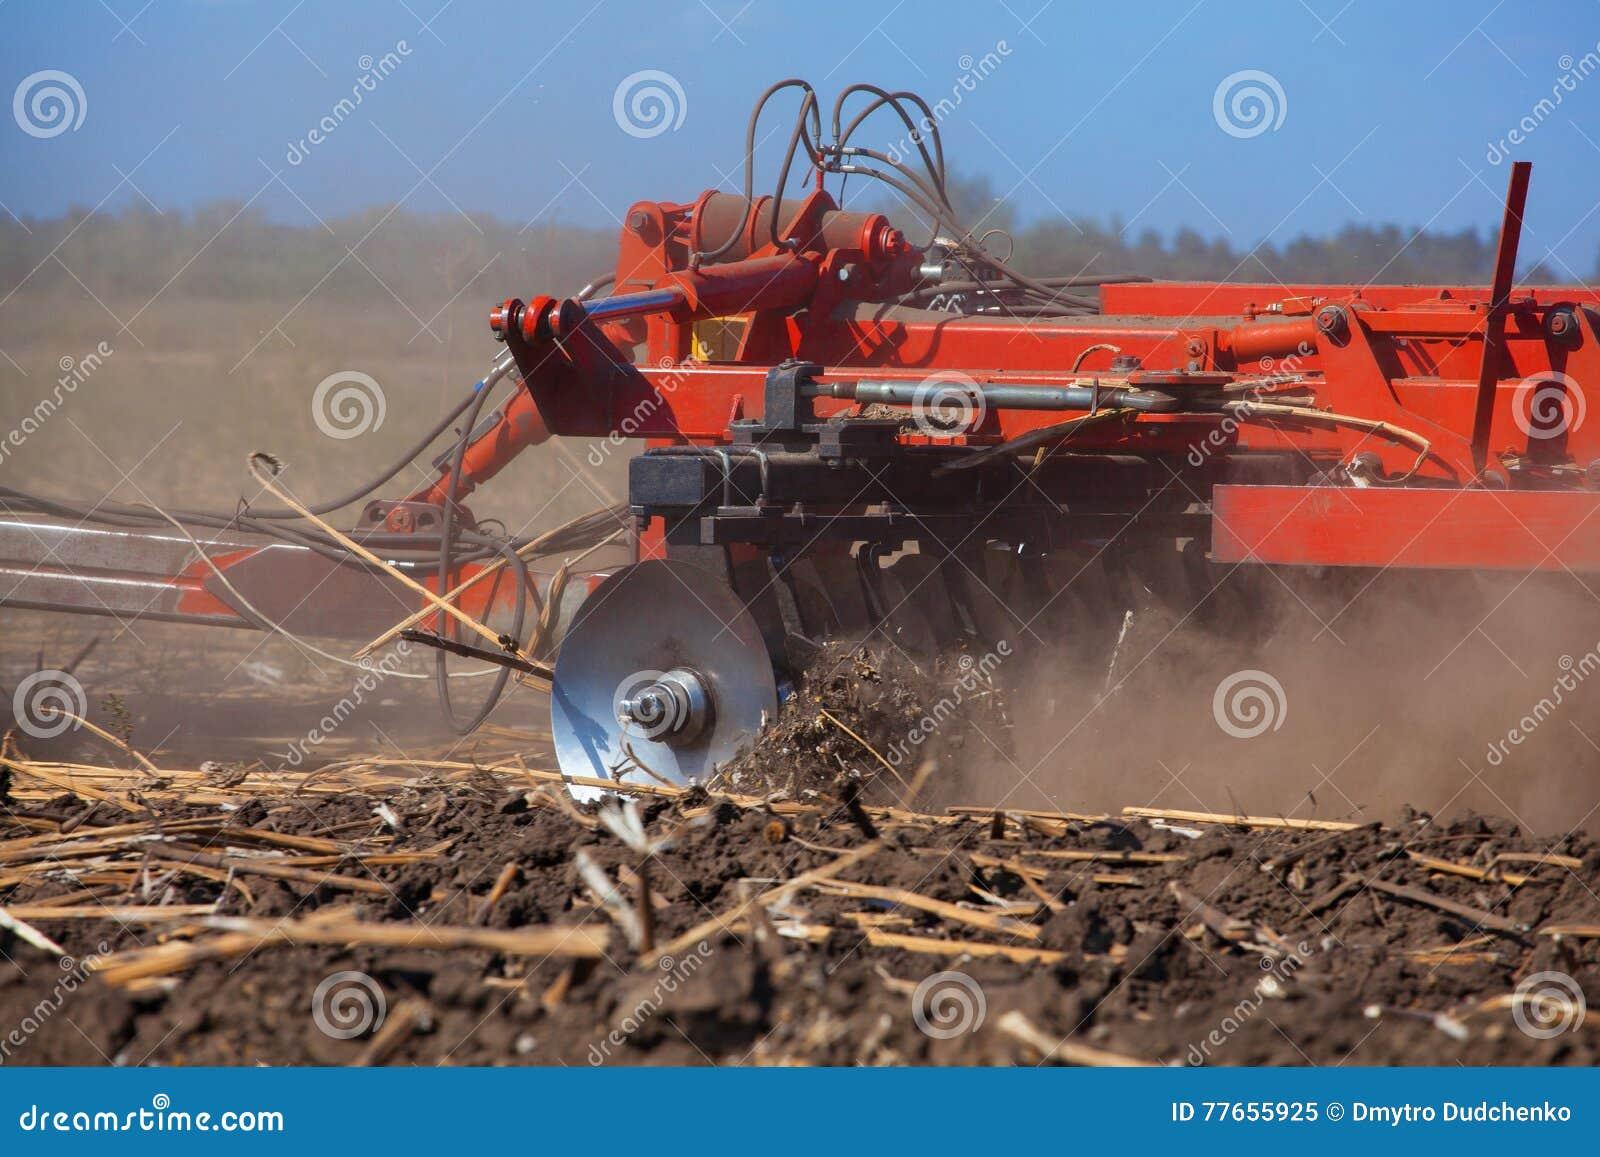 Il grande trattore che tira un aratro ed ara il campo, rimuove i resti del girasole precedentemente smussato